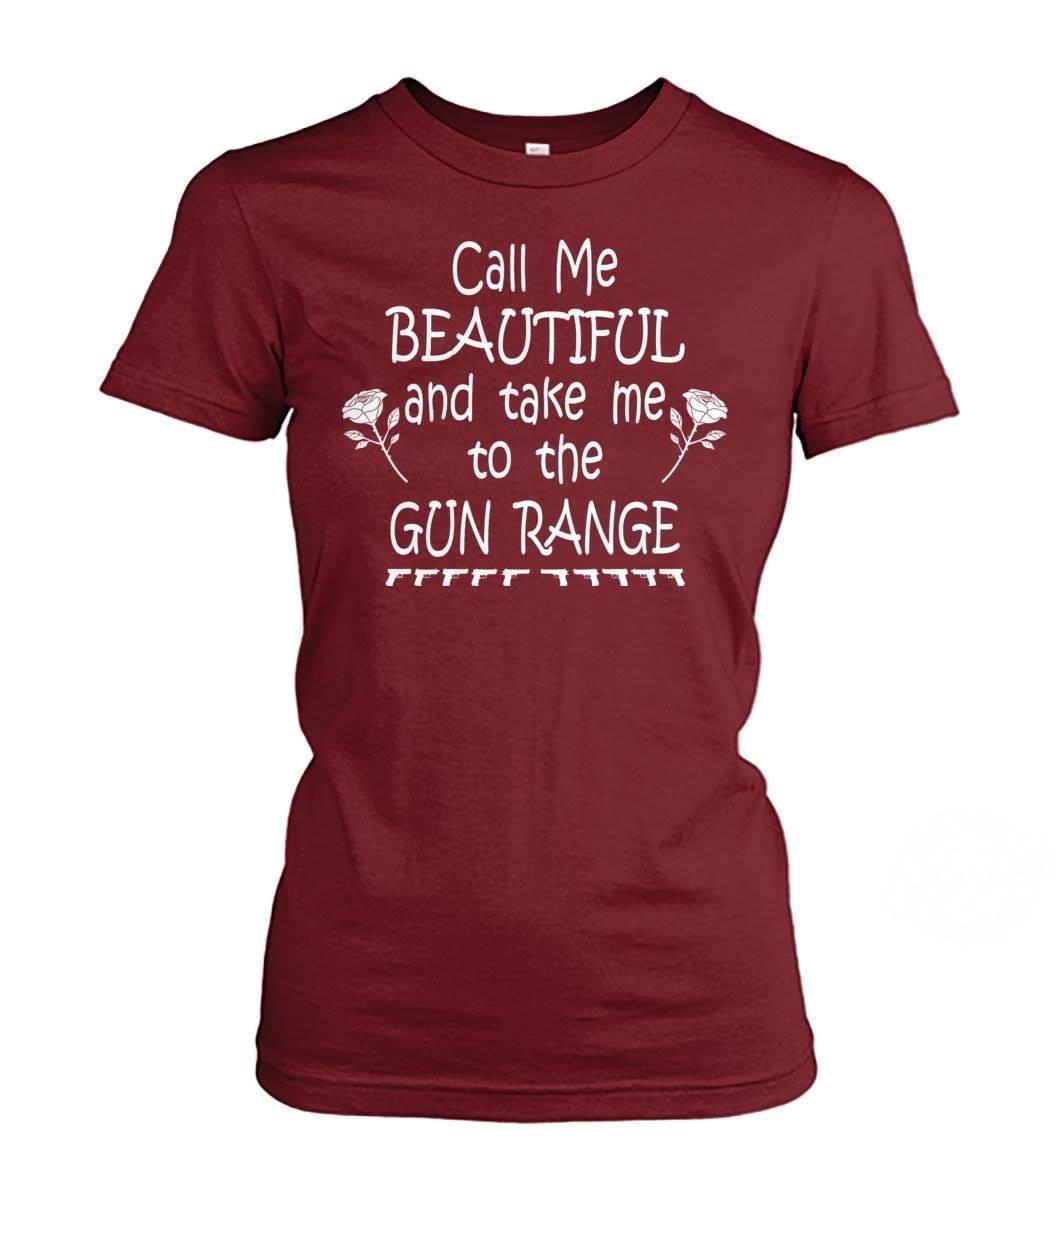 Call me beautiful and take me to the gun range shirt